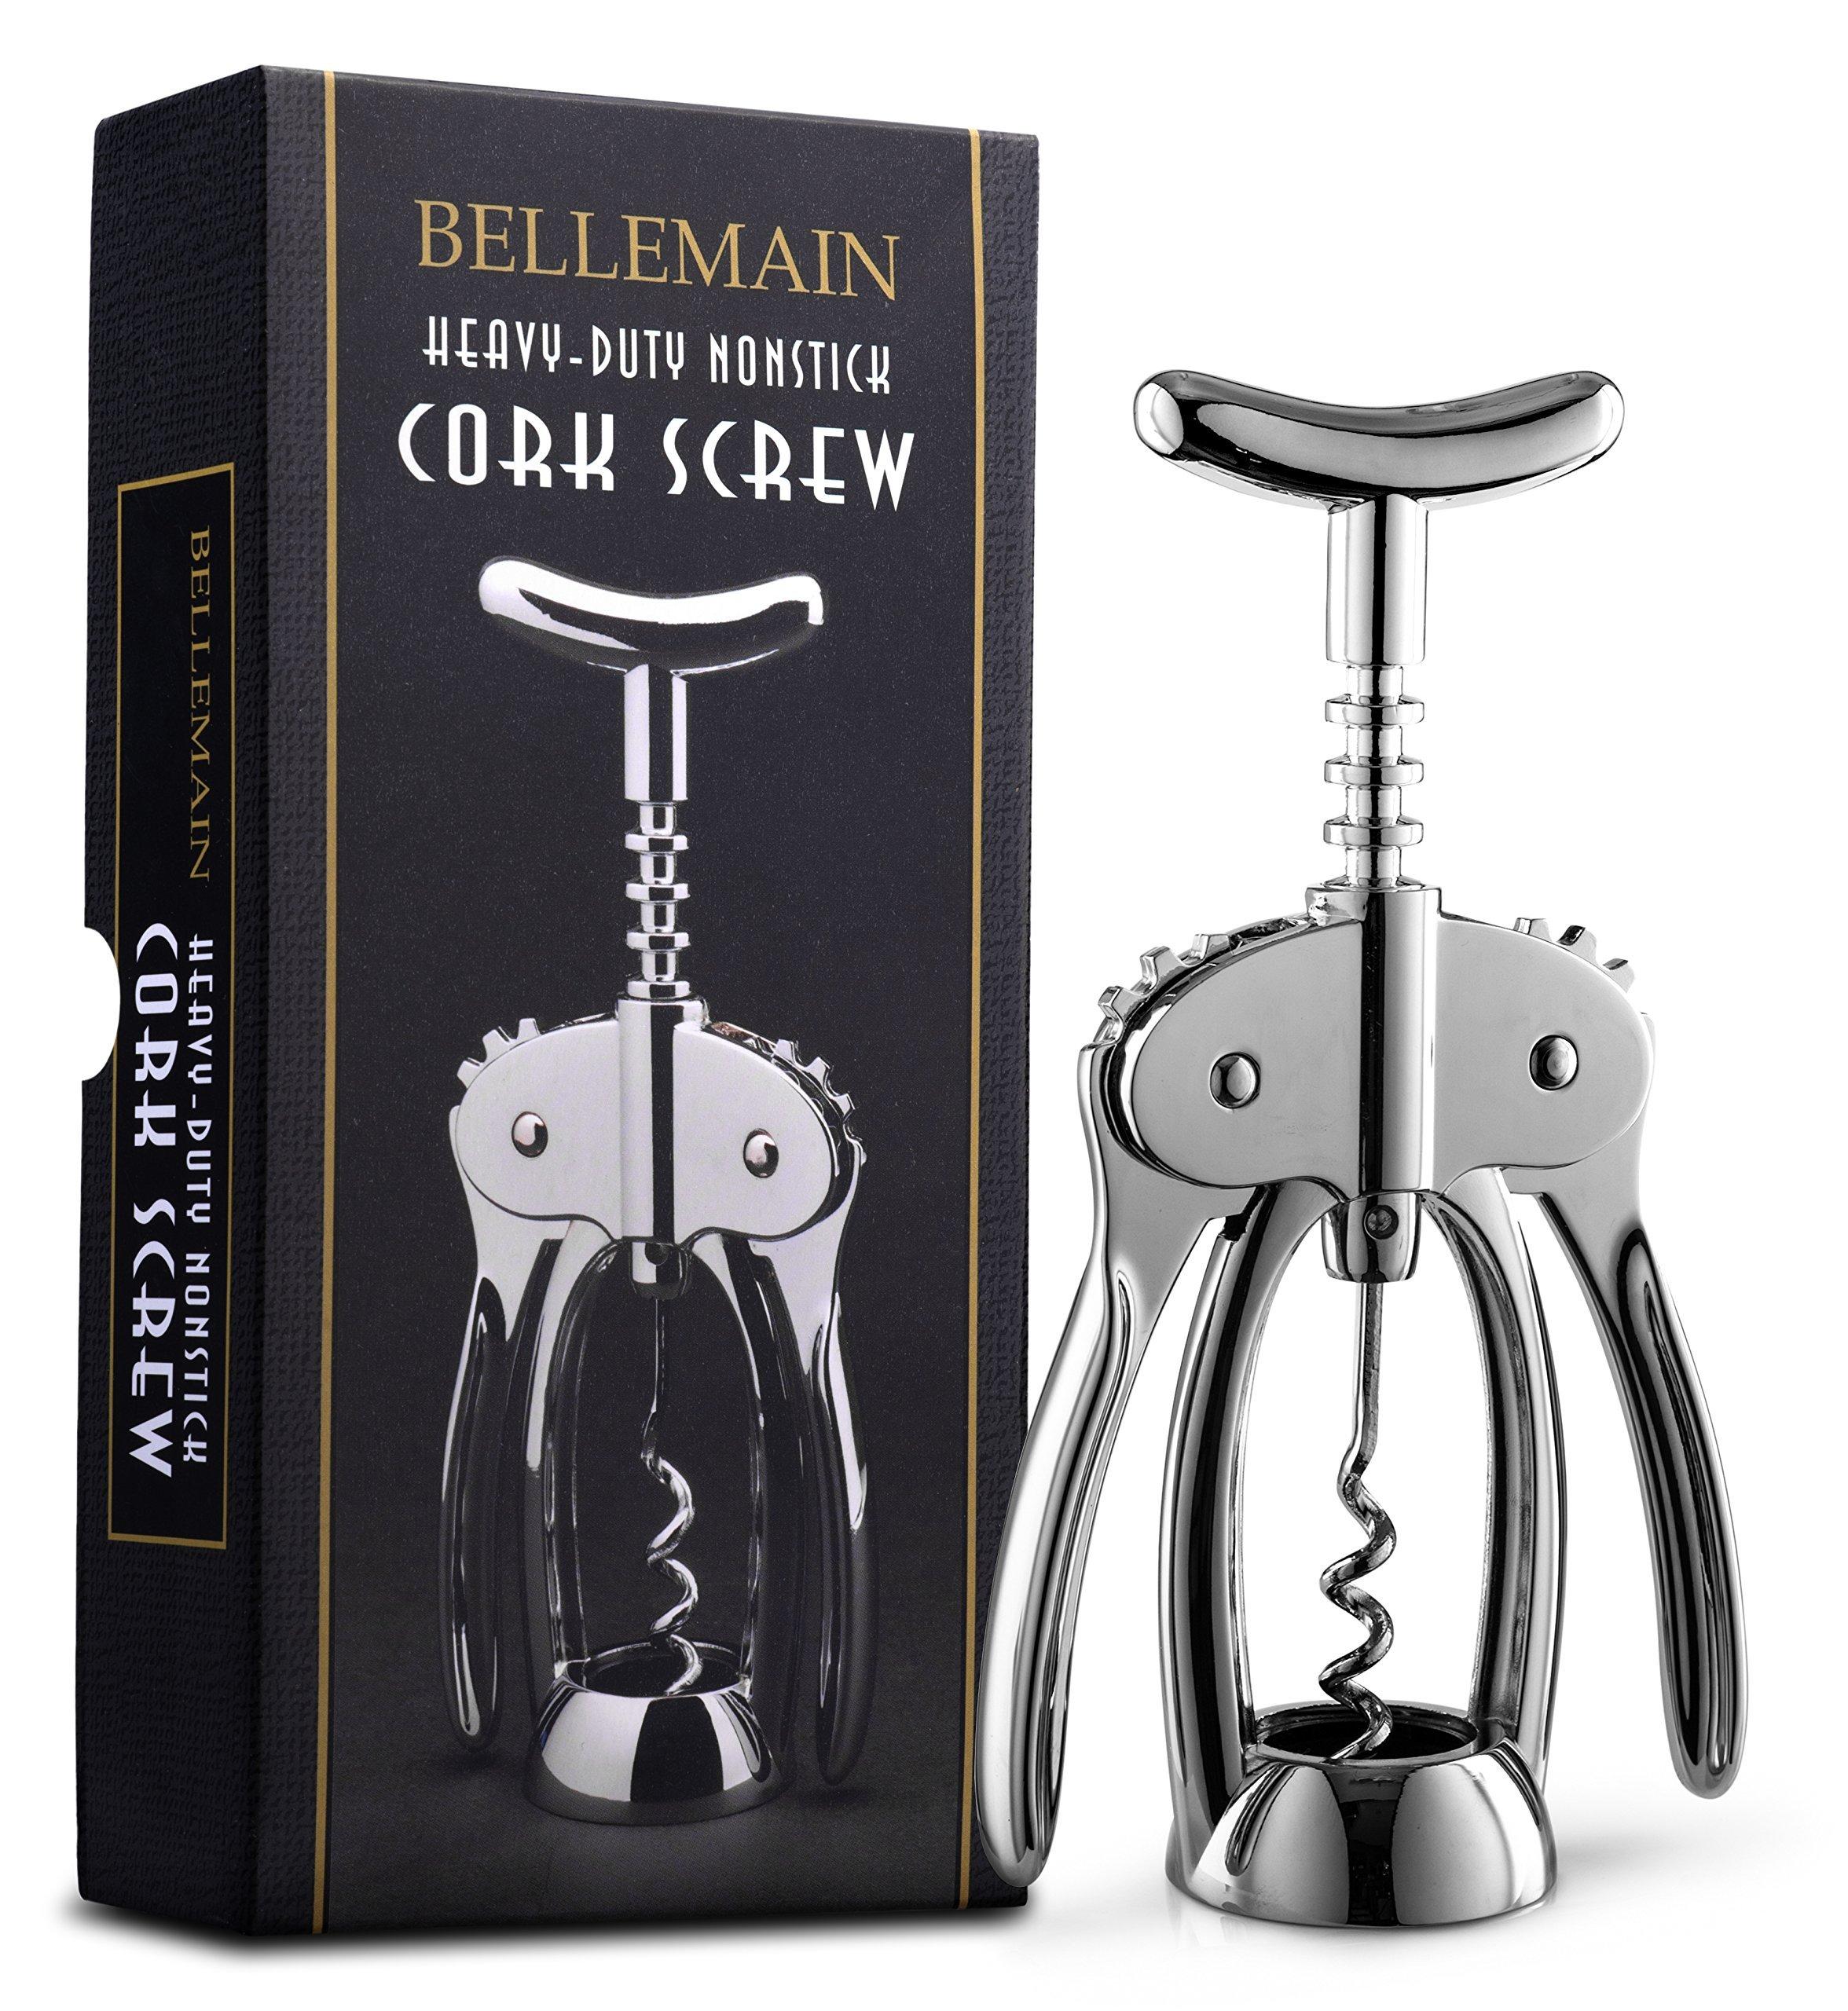 Bellemain Premium Wing Corkscrew Wine Opener Heavy-duty nonstick by Bellemain (Image #8)